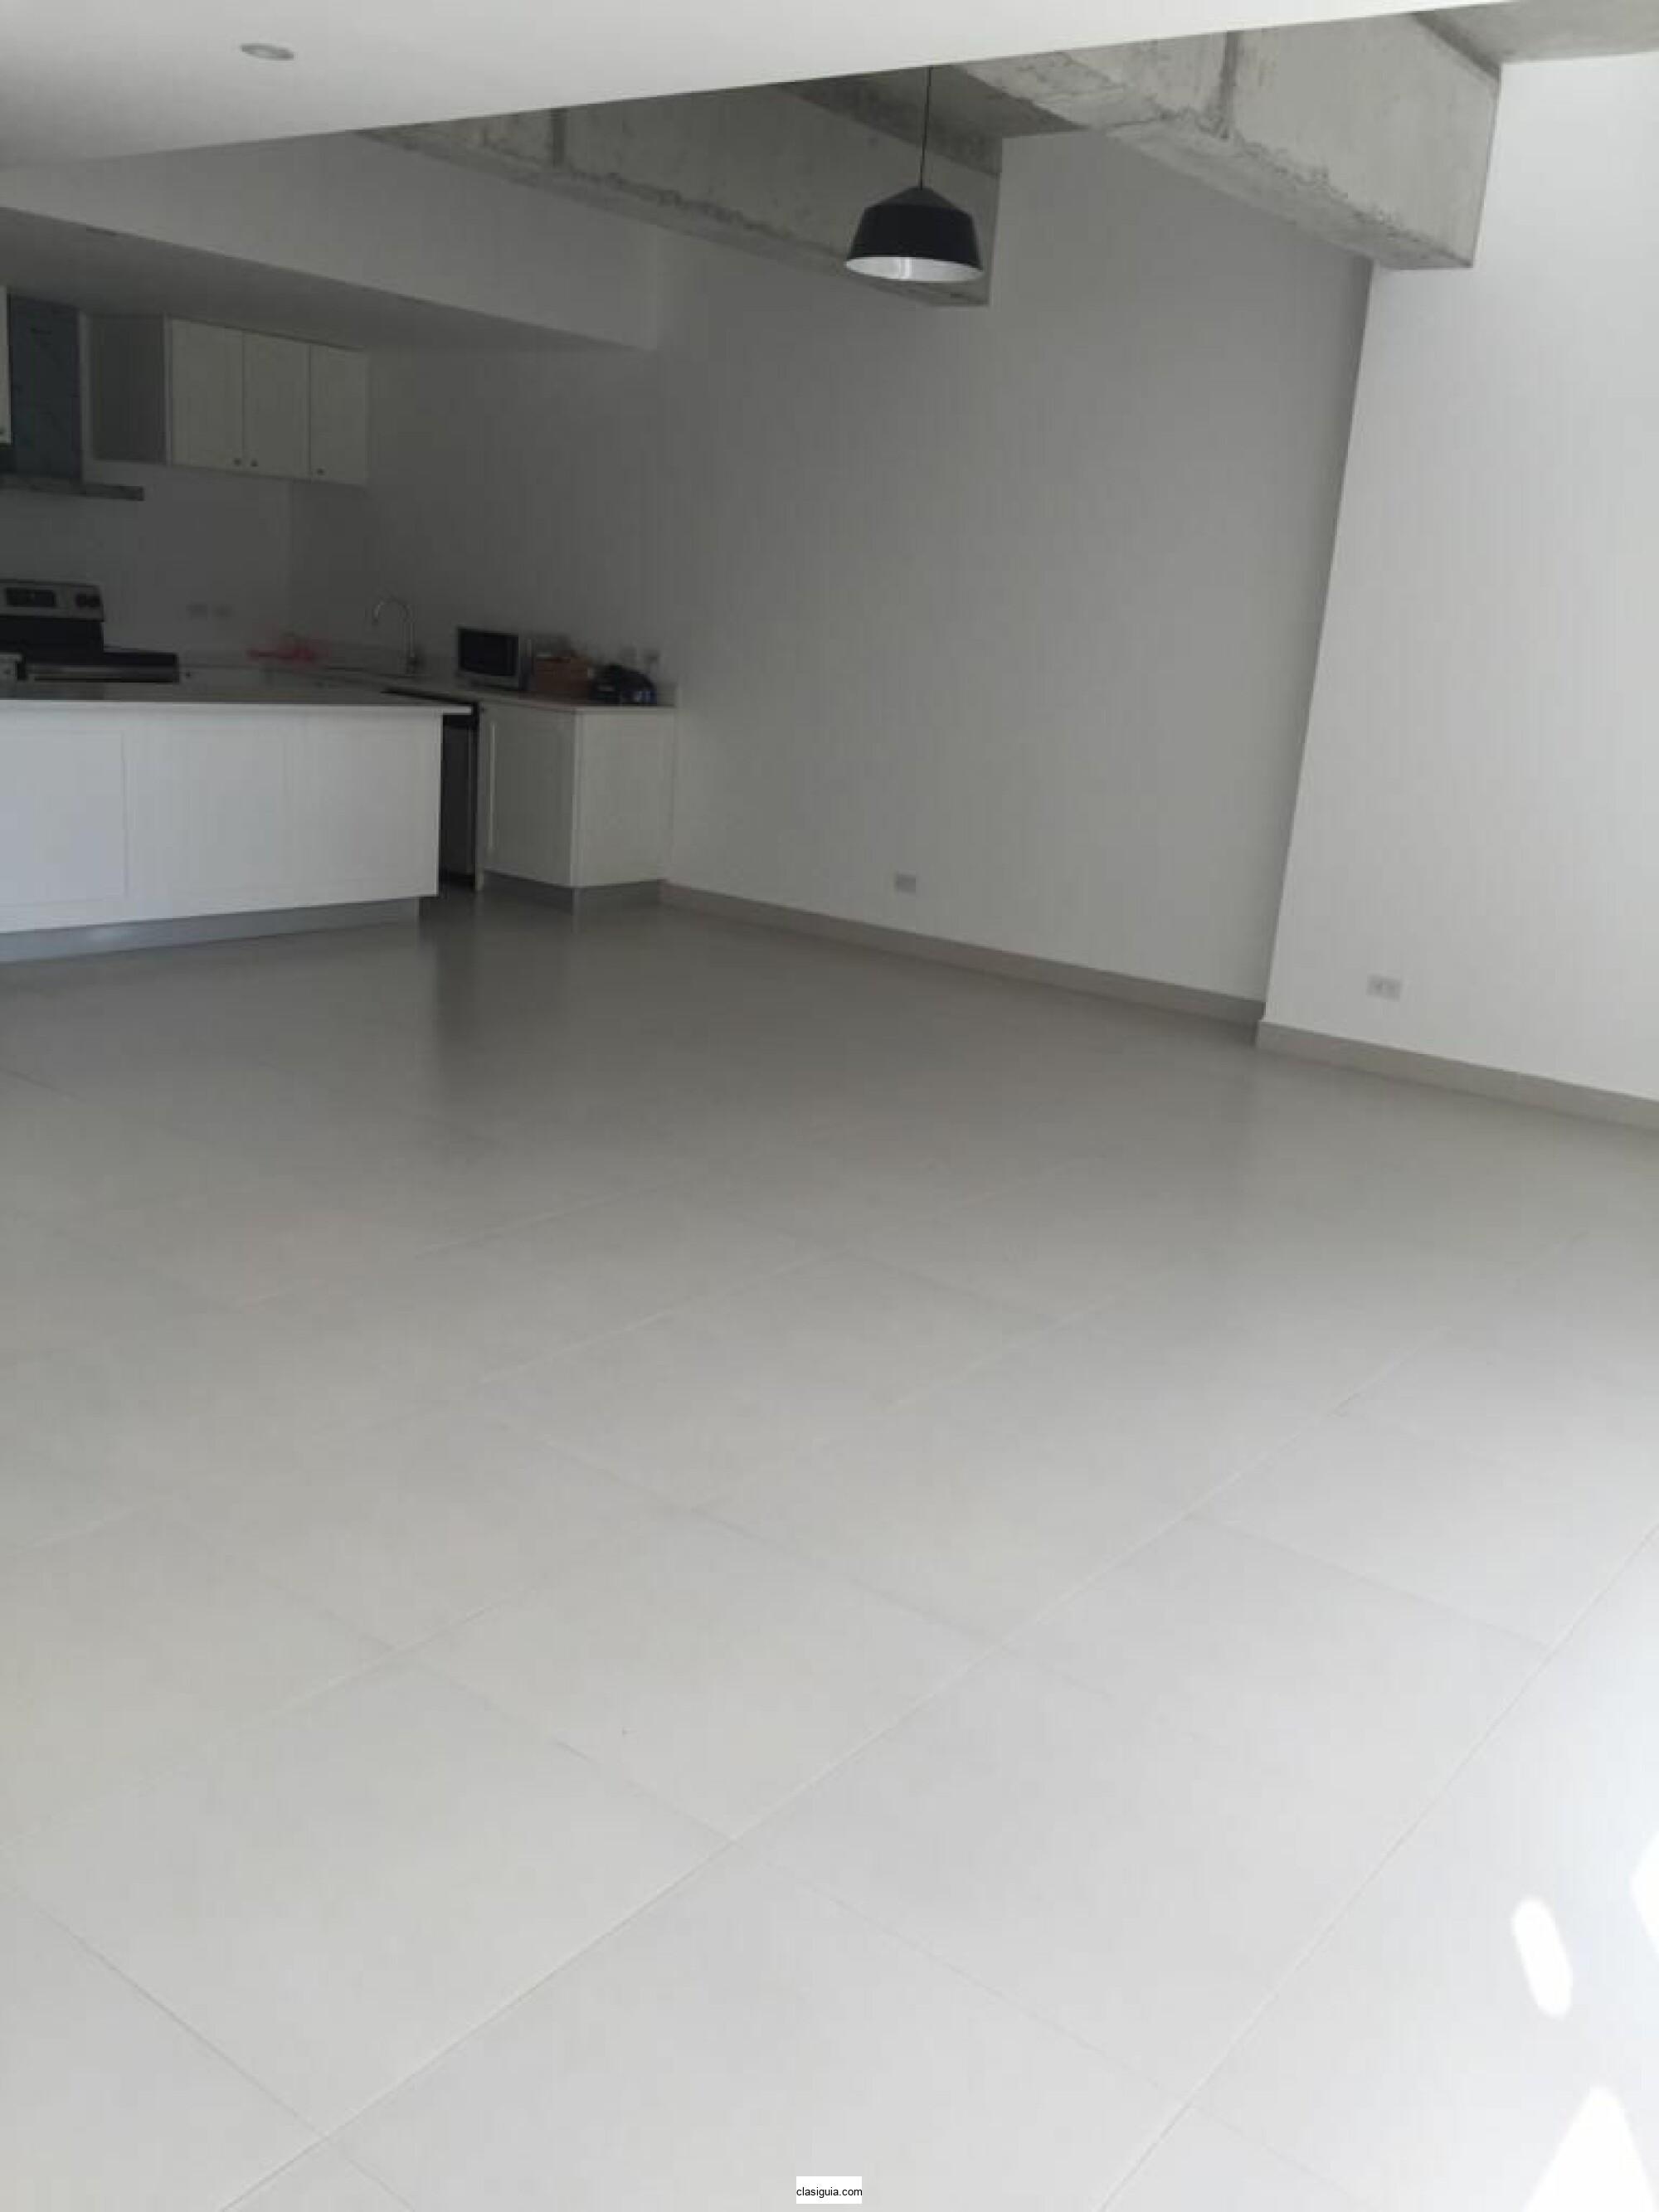 SE ALQUILA APARTAMENTO CASA 5 SAN BENITO, con linea blanca, 1 habitaciones